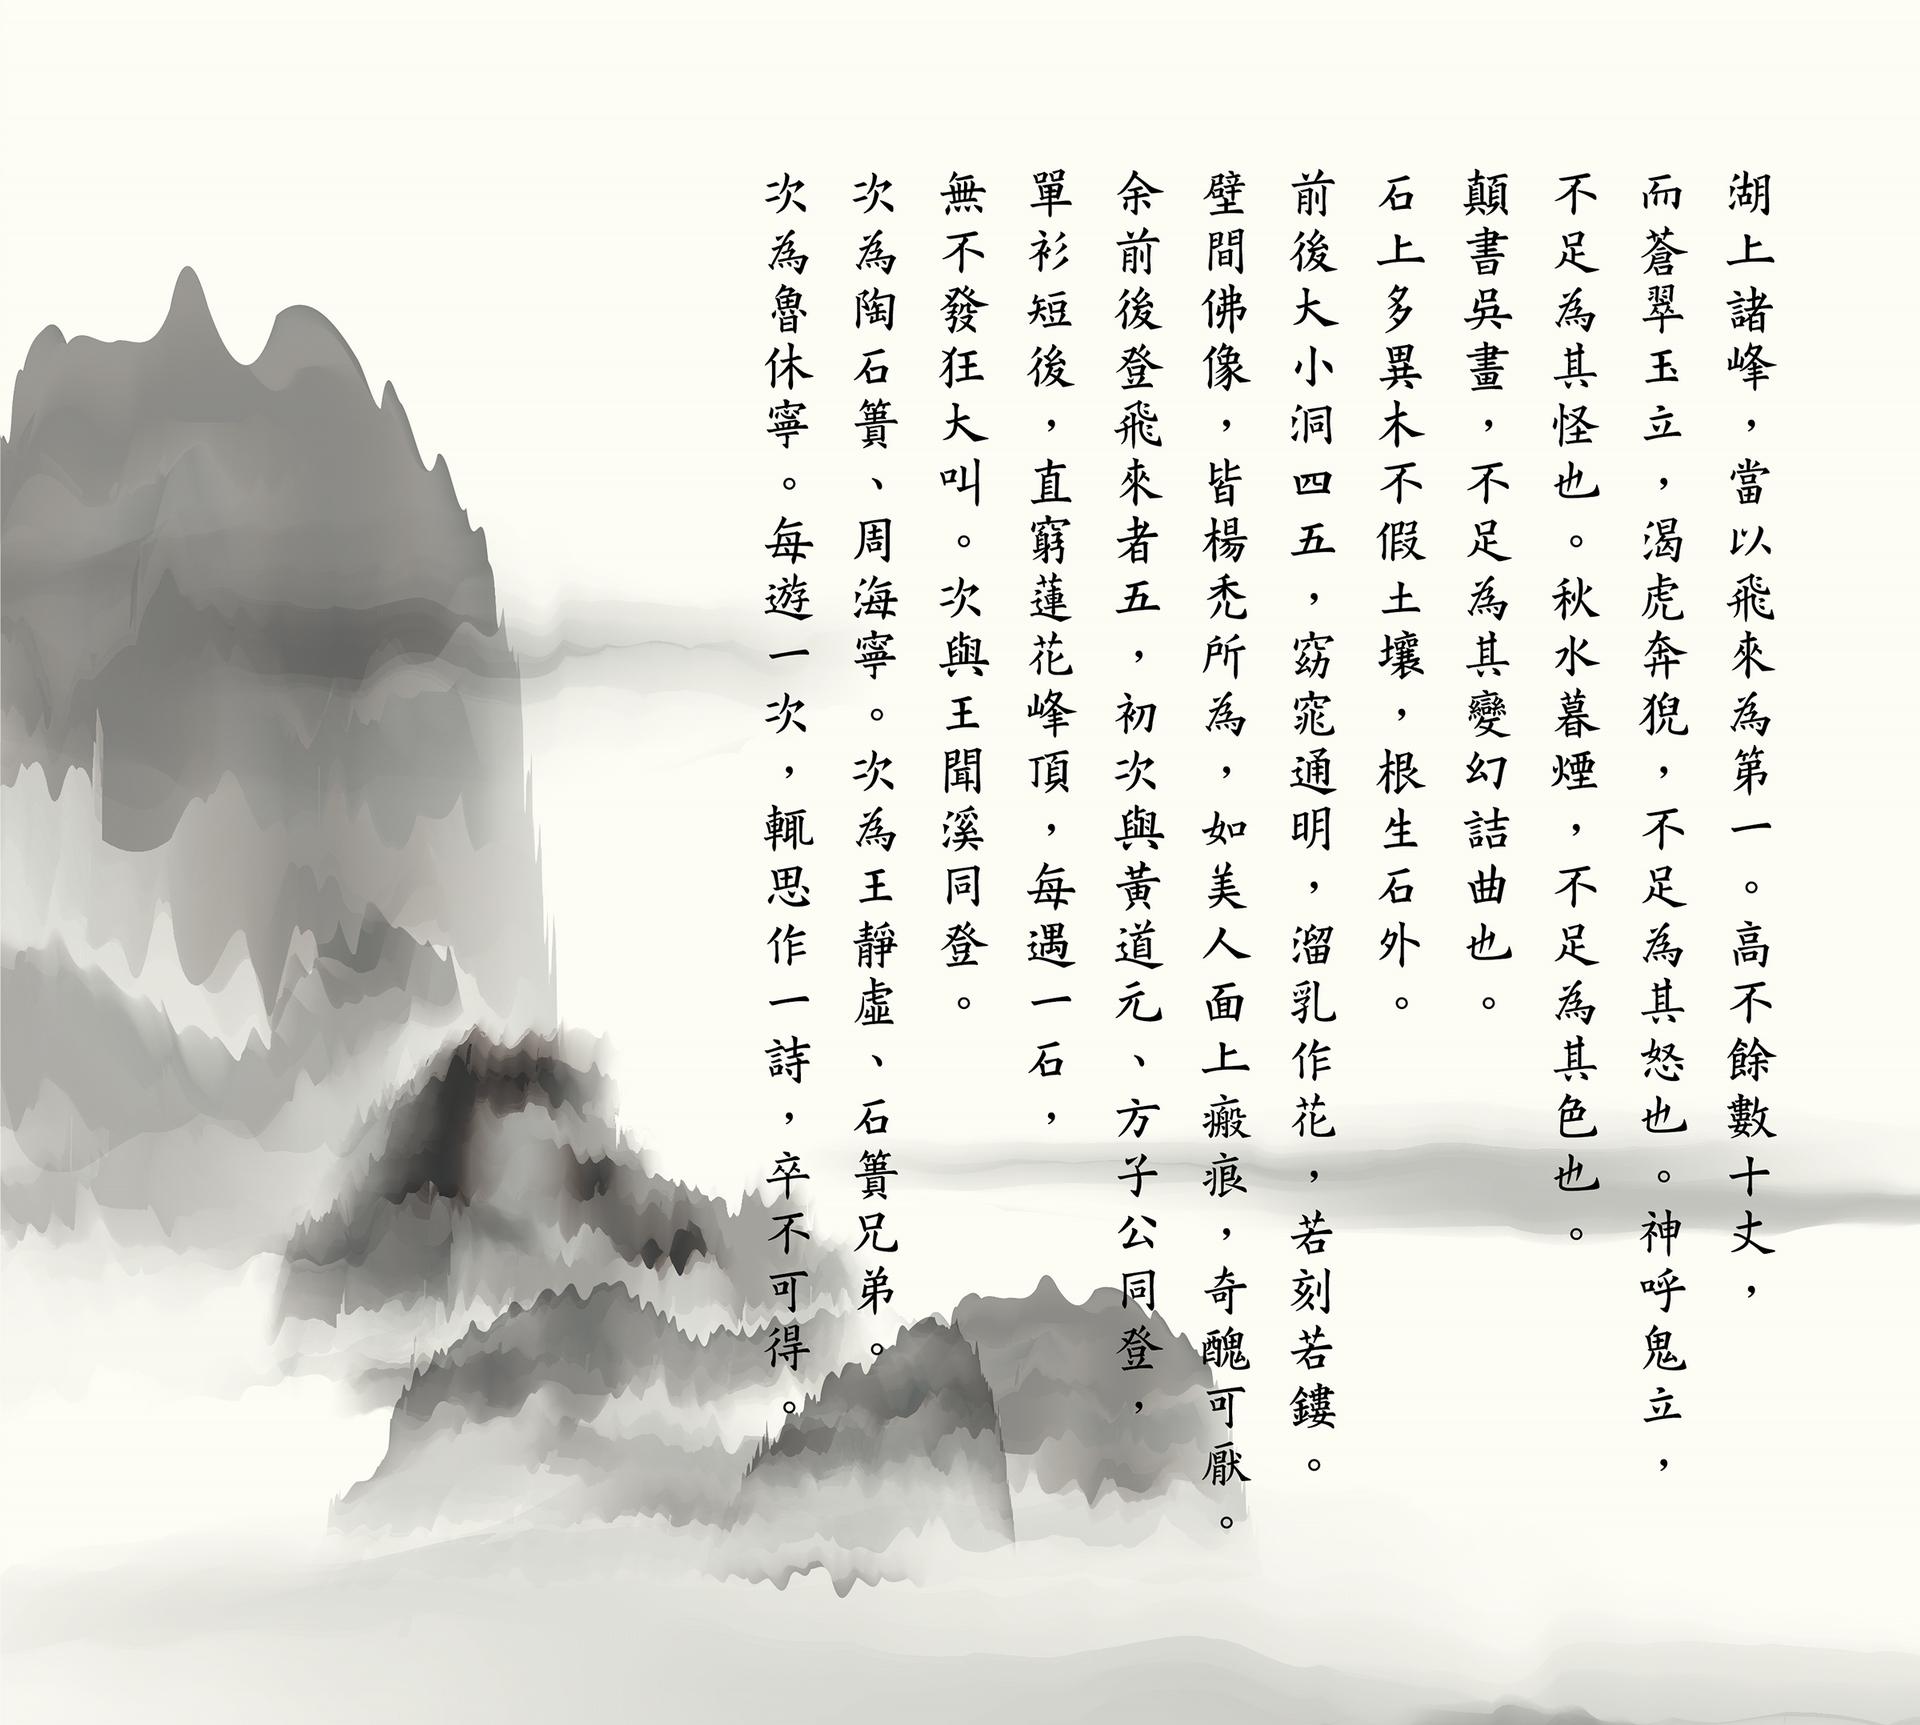 明代文學家袁宏道曾撰寫《飛來峰》一文,用來讚嘆歌詠其風景的奇特,也特別提到想為飛來峰作詩,同時可見明代文人旅遊書寫的習性。 圖片來源│iStock 圖說重製│王怡蓁、張語辰